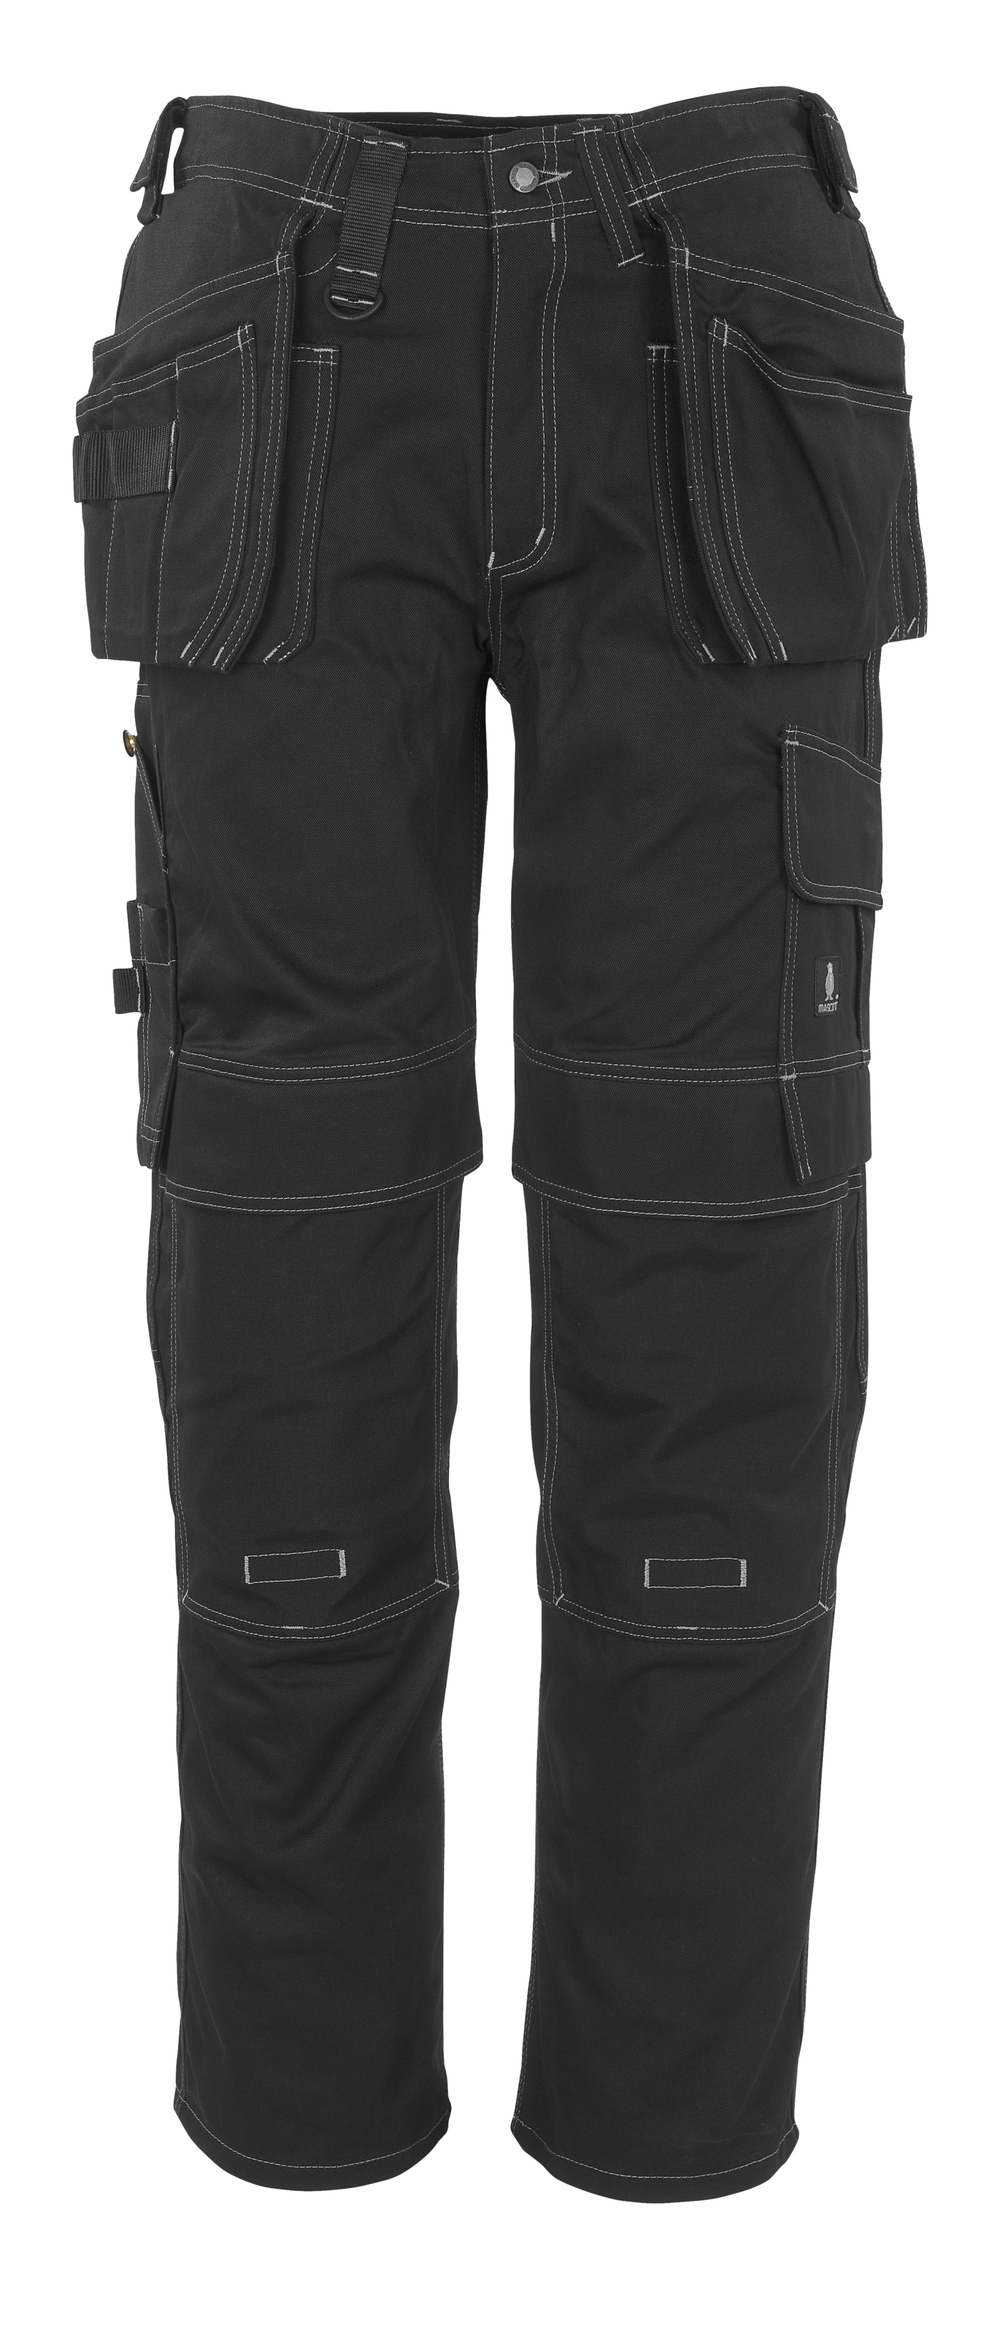 06131-630-09 Spodnie z kieszeniami na kolanach i kieszeniami wiszącymi - czerń